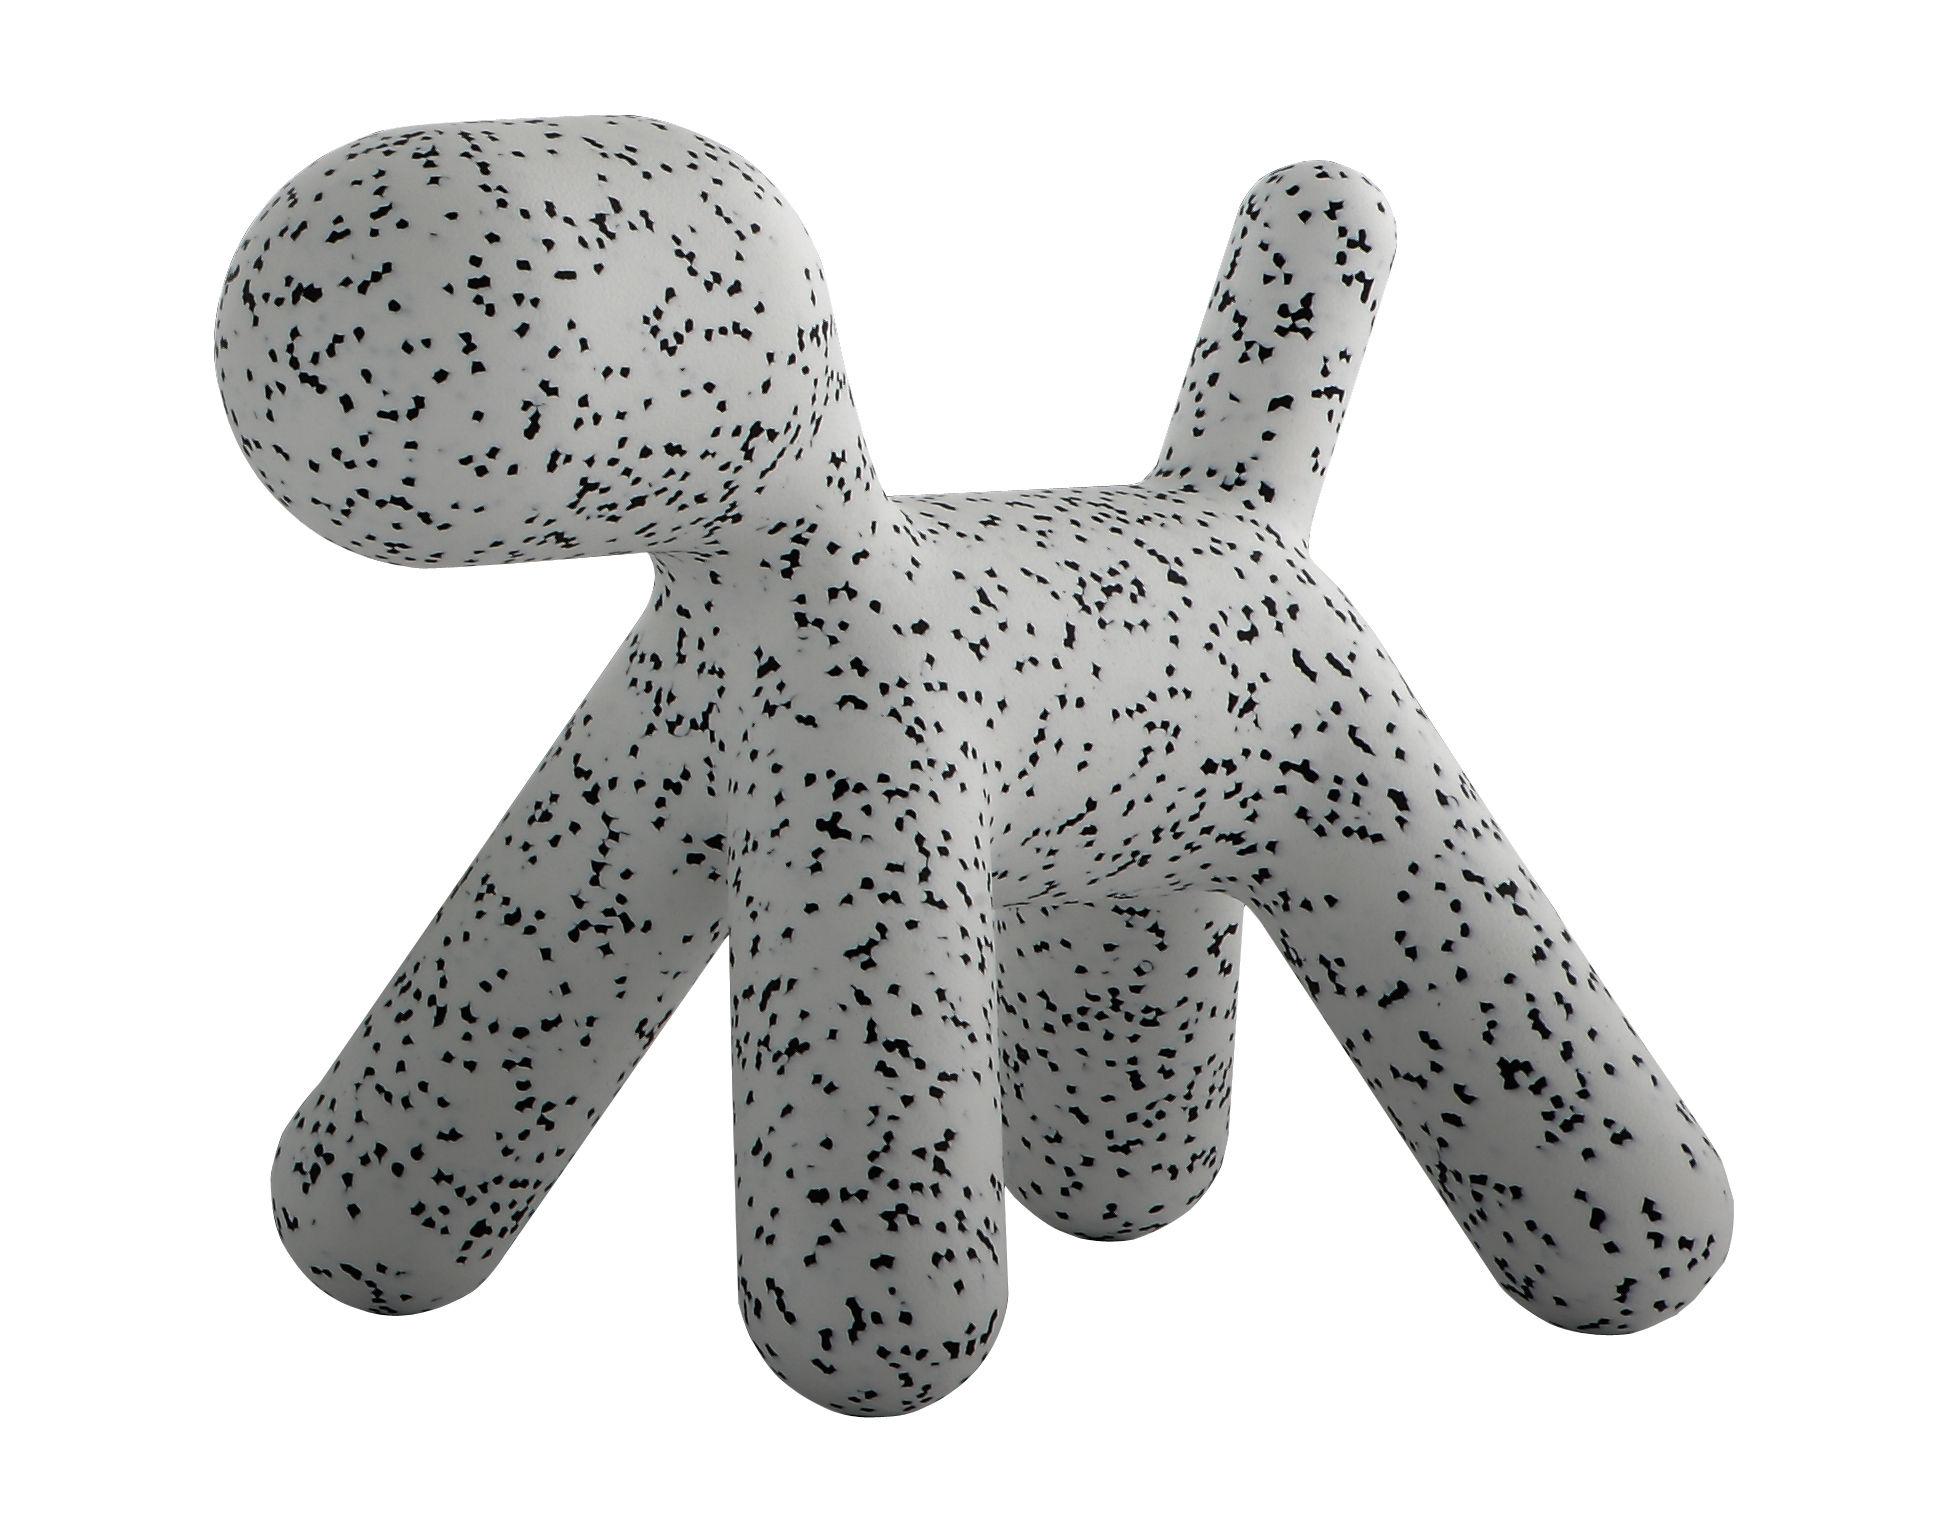 Arredamento - Mobili per bambini - Sedia per bambino Puppy Small - / Small - L 42 cm di Magis Collection Me Too - Bianco/ maculato nero - Polietilene rotostampato